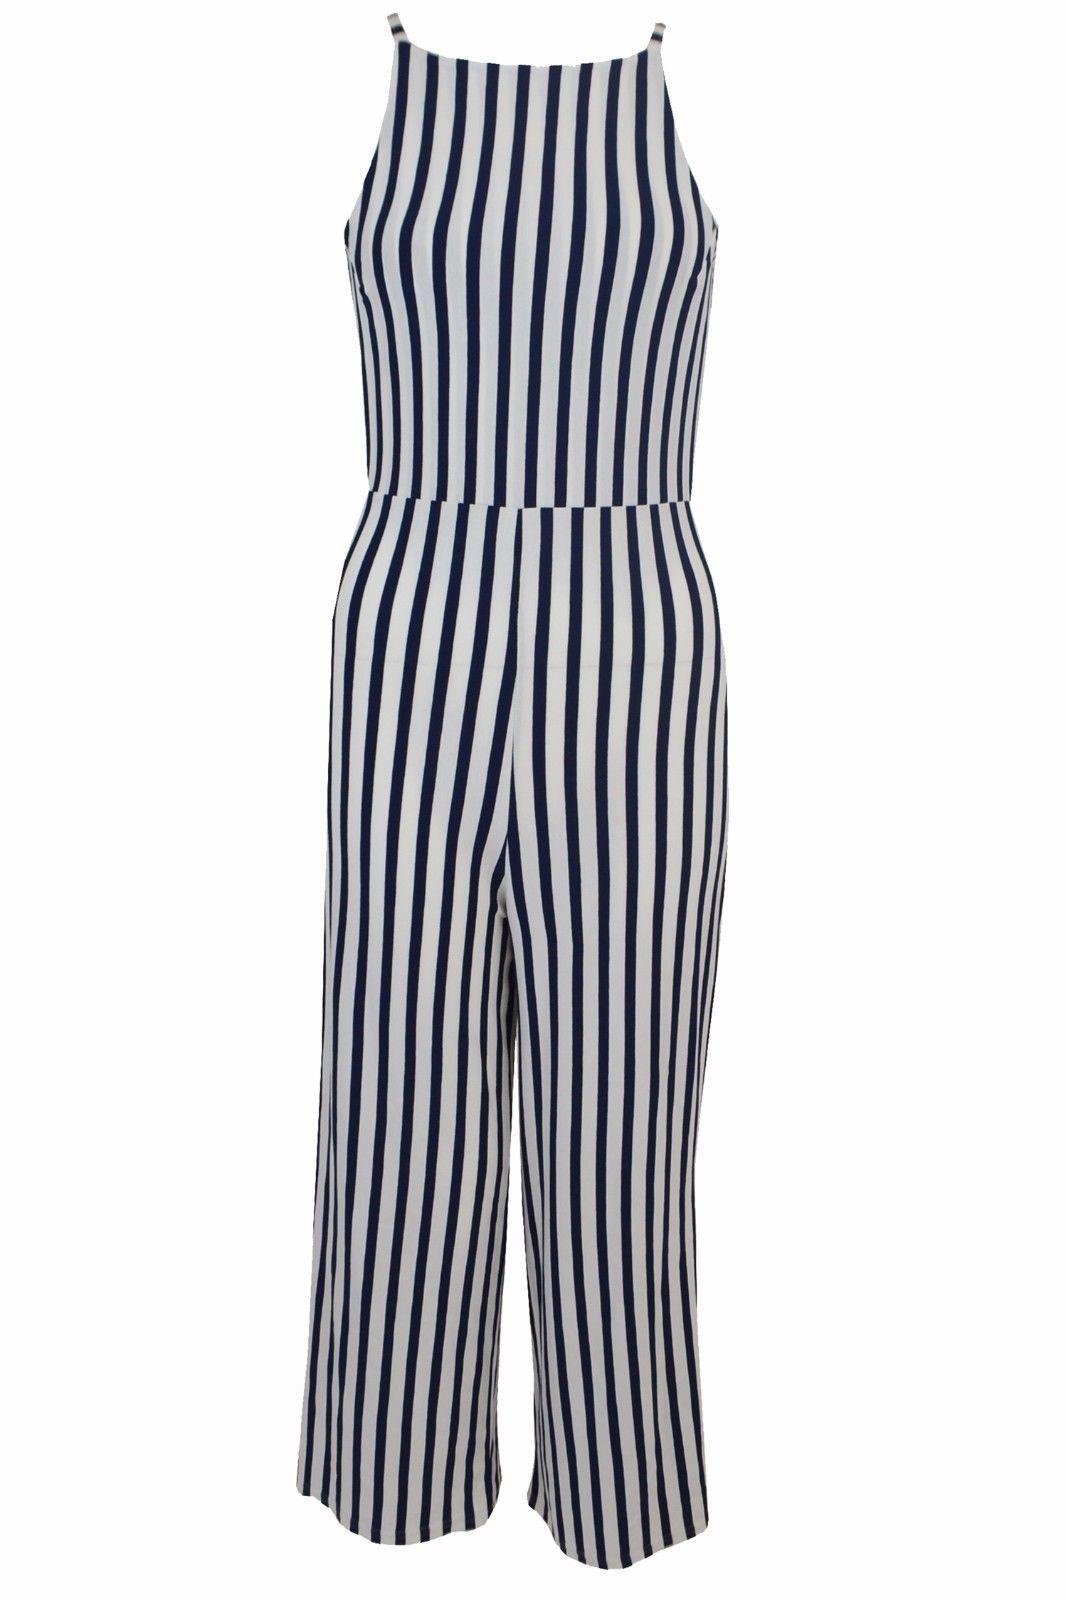 ce884c891b5 S l1600. S l1600. Previous. Women Ladies Strappy tie back culotte jumpsuit  Stripe Size 6-14 UK